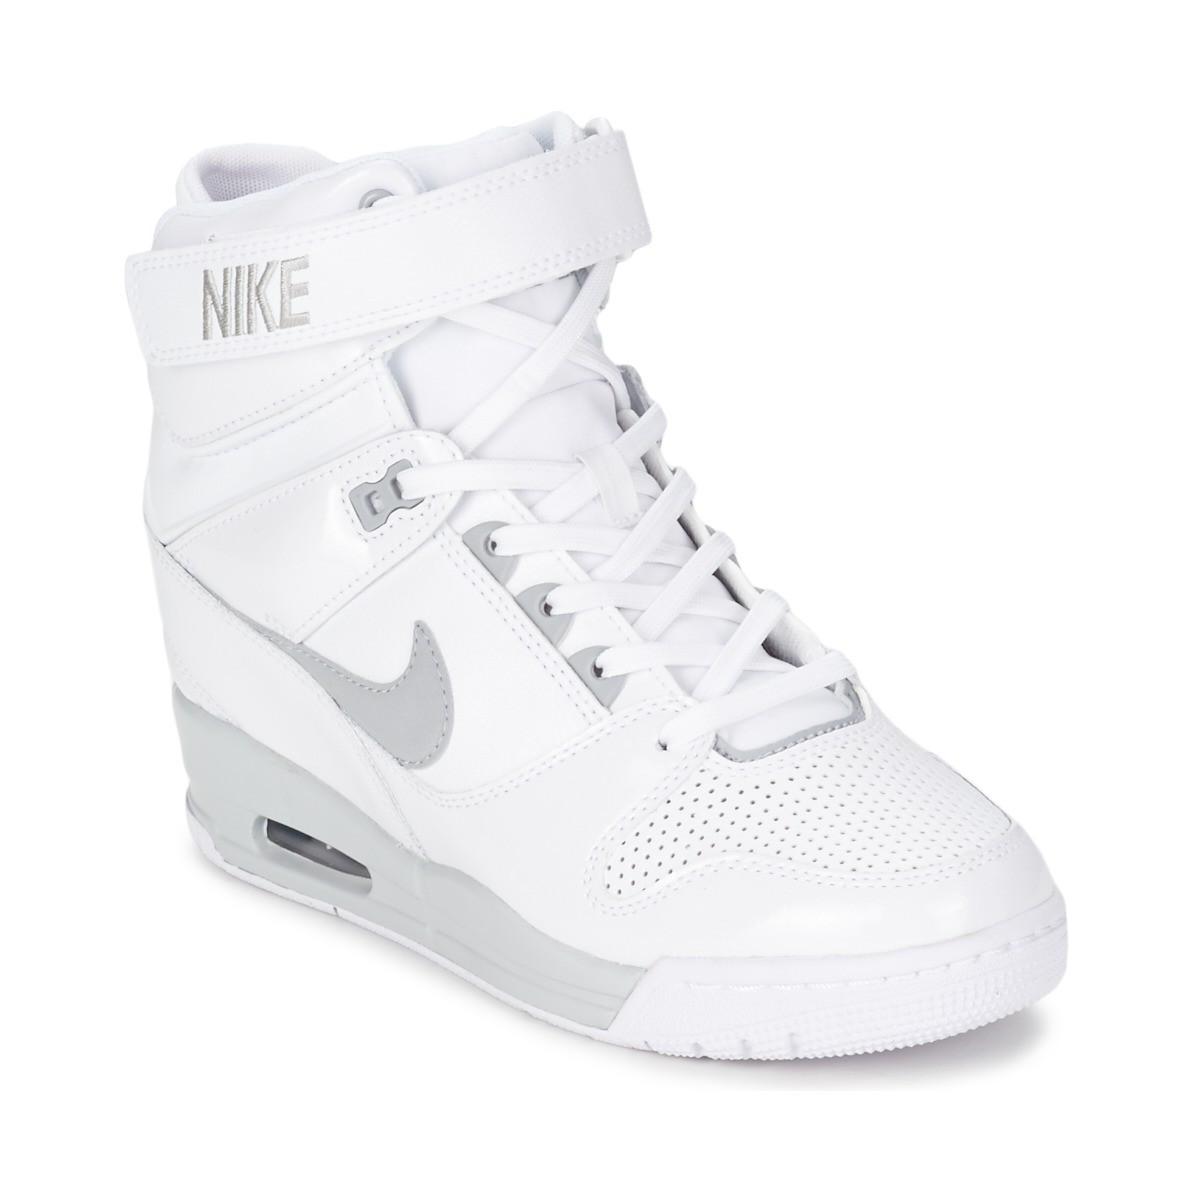 2a2197d2fdcccf Prix de gros basket montante nike pas cher France vente en ligne, toutes  les gammes de chaussures Nike pour hommes et femmes outlet pas cher.